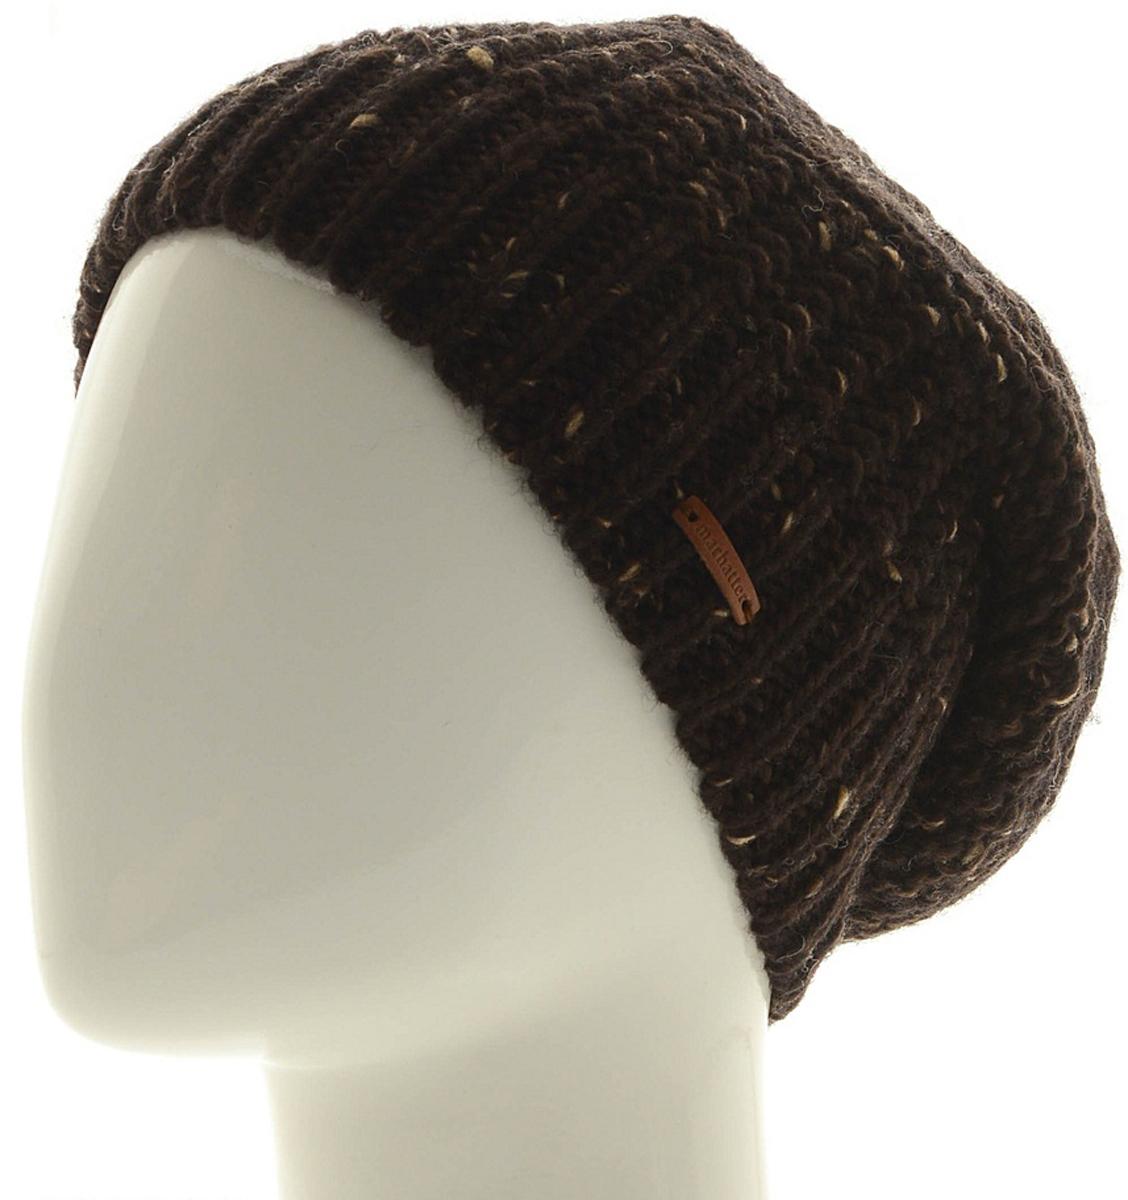 Шапка мужская Marhatter, цвет: коричневый. Размер 57/59. MMH7127/2MMH7127/2Отличная вязаная шапка в стиле сasual. Модель прекрасно подойдет активным молодым людям, ценящим комфорт и удобство. Идеальный вариант на каждый день.